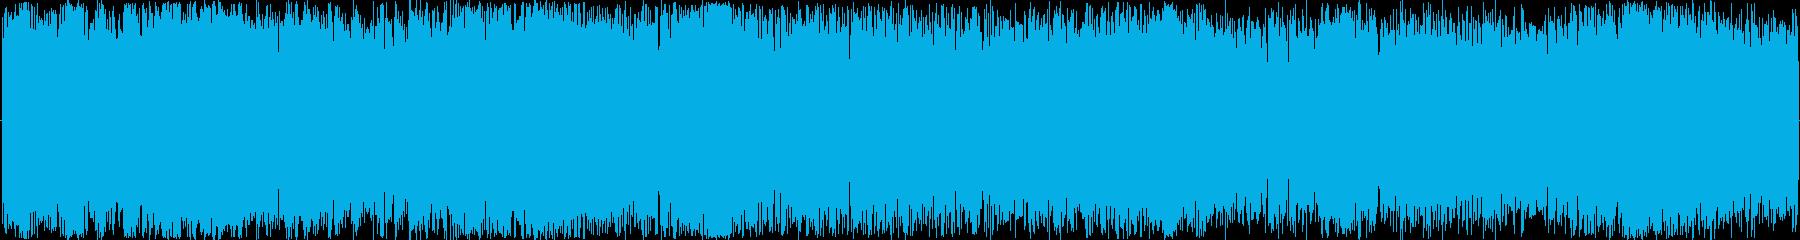 イメージ スクラッチマイバック01の再生済みの波形